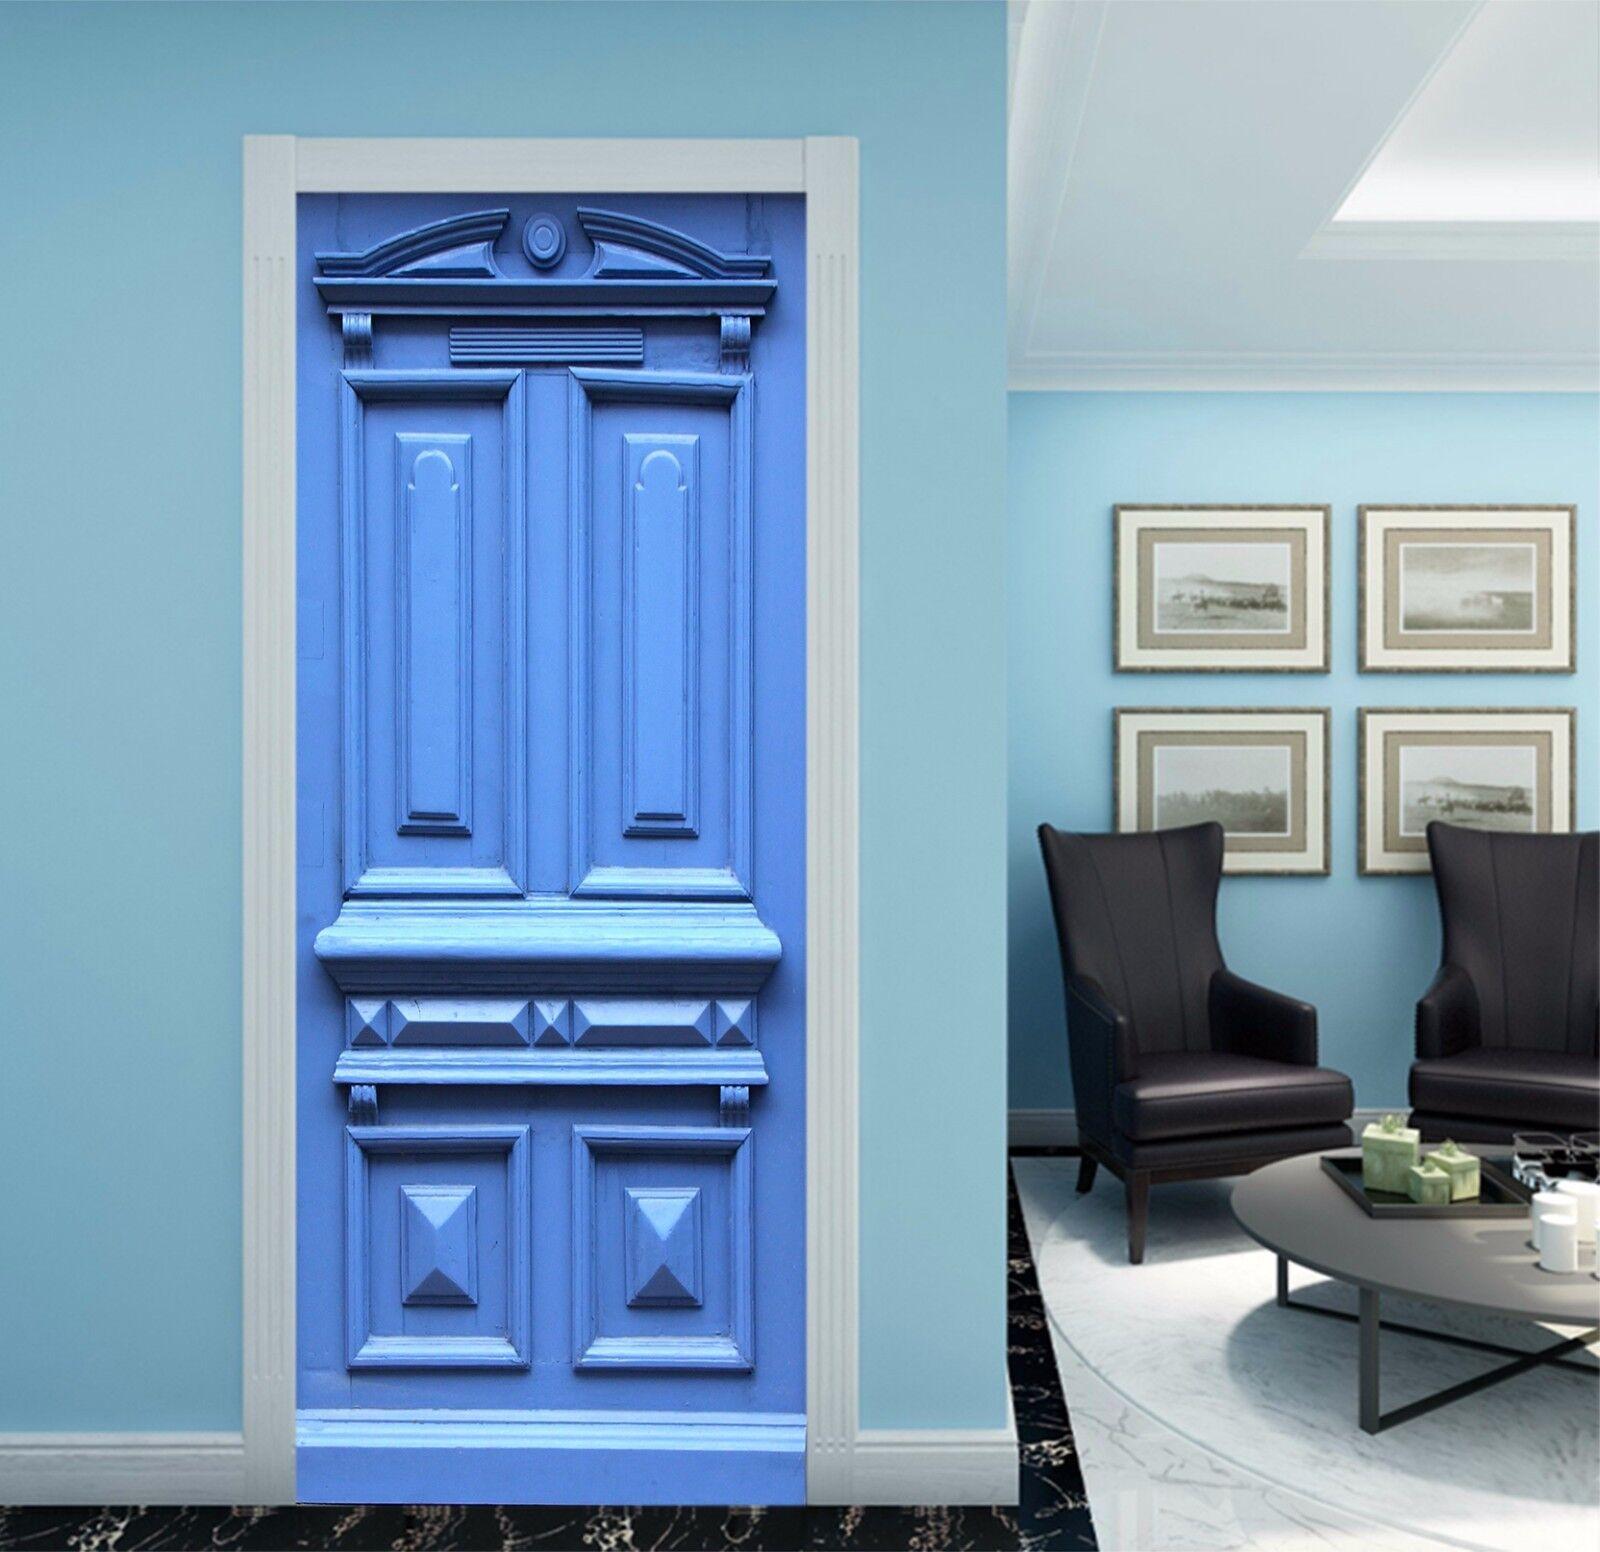 3D Muster Blau 772 Tür Wandmalerei Wandaufkleber Aufkleber AJ WALLPAPER DE Kyra | Einfach zu bedienen  | Moderne Technologie  | New Products